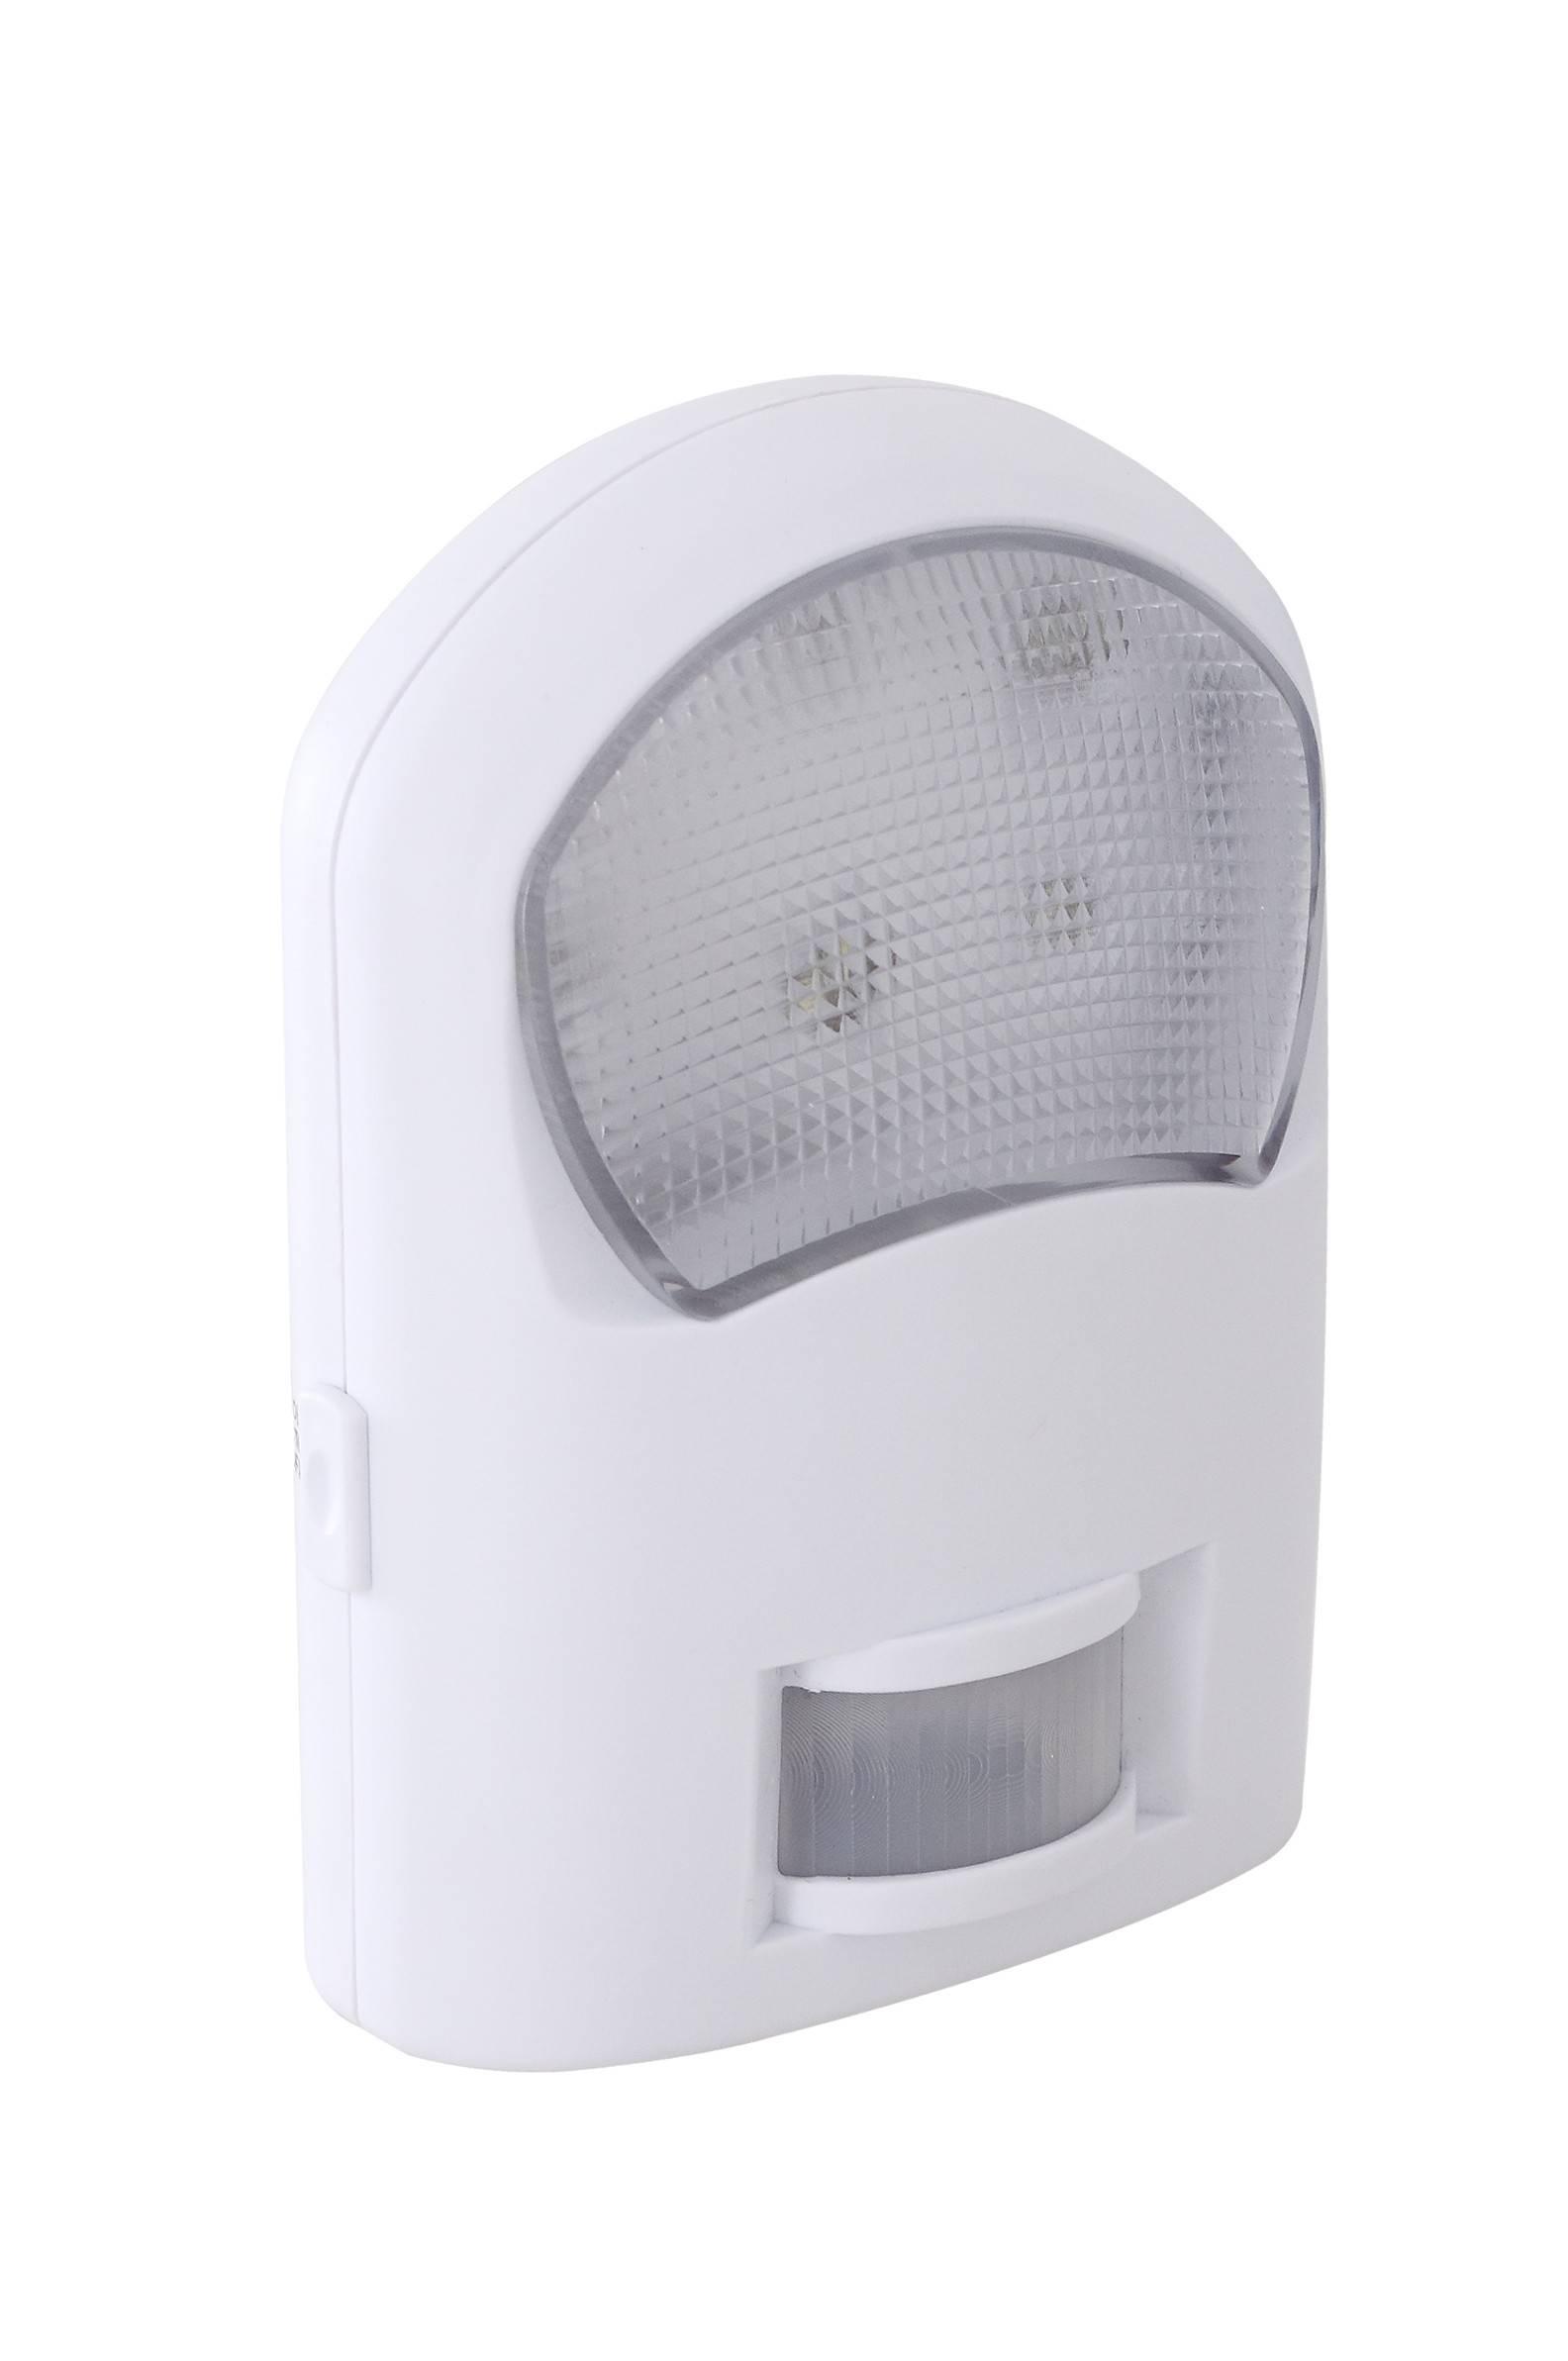 Night light LX-LD-P300